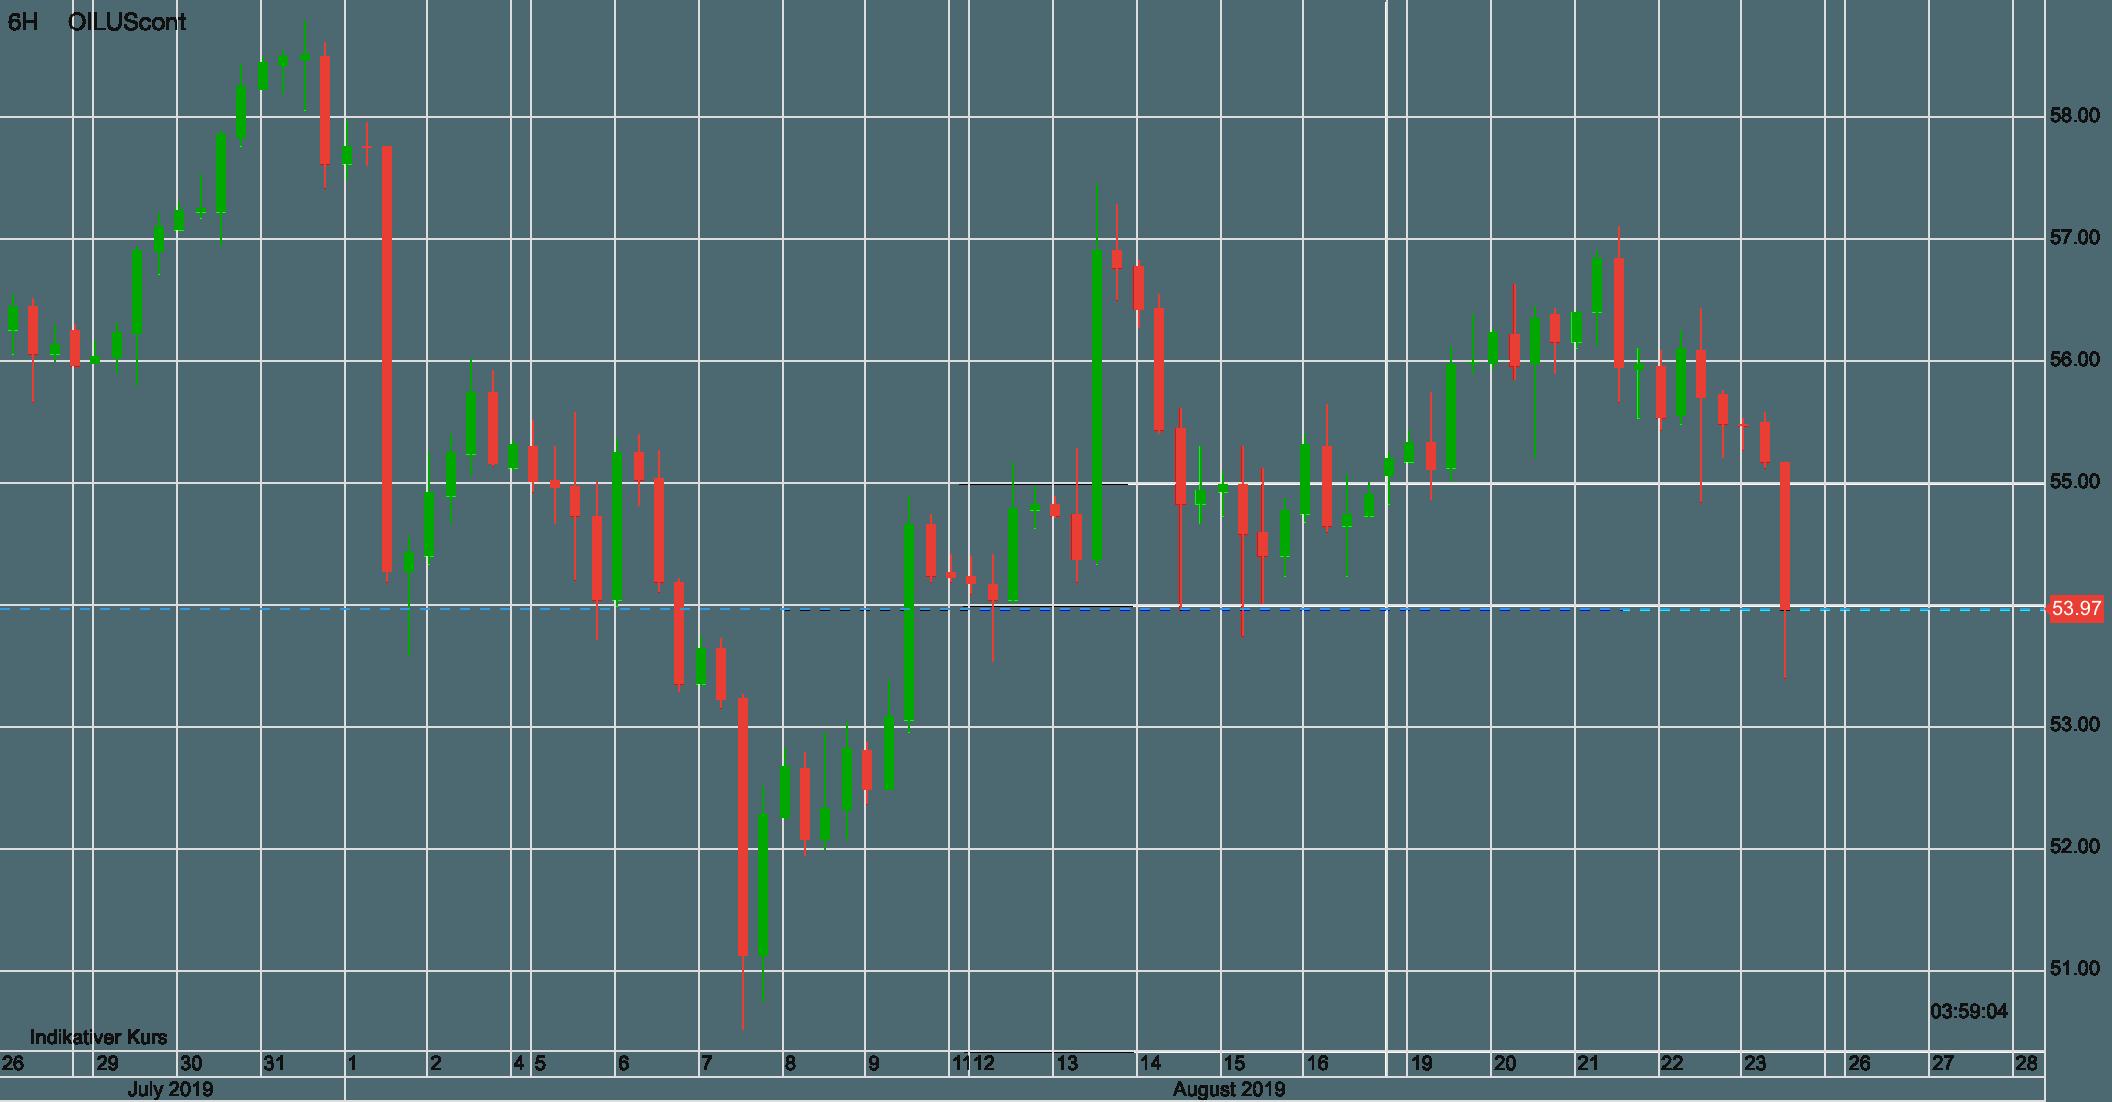 Ölpreis WTI Verlauf der letzten 30 Tage